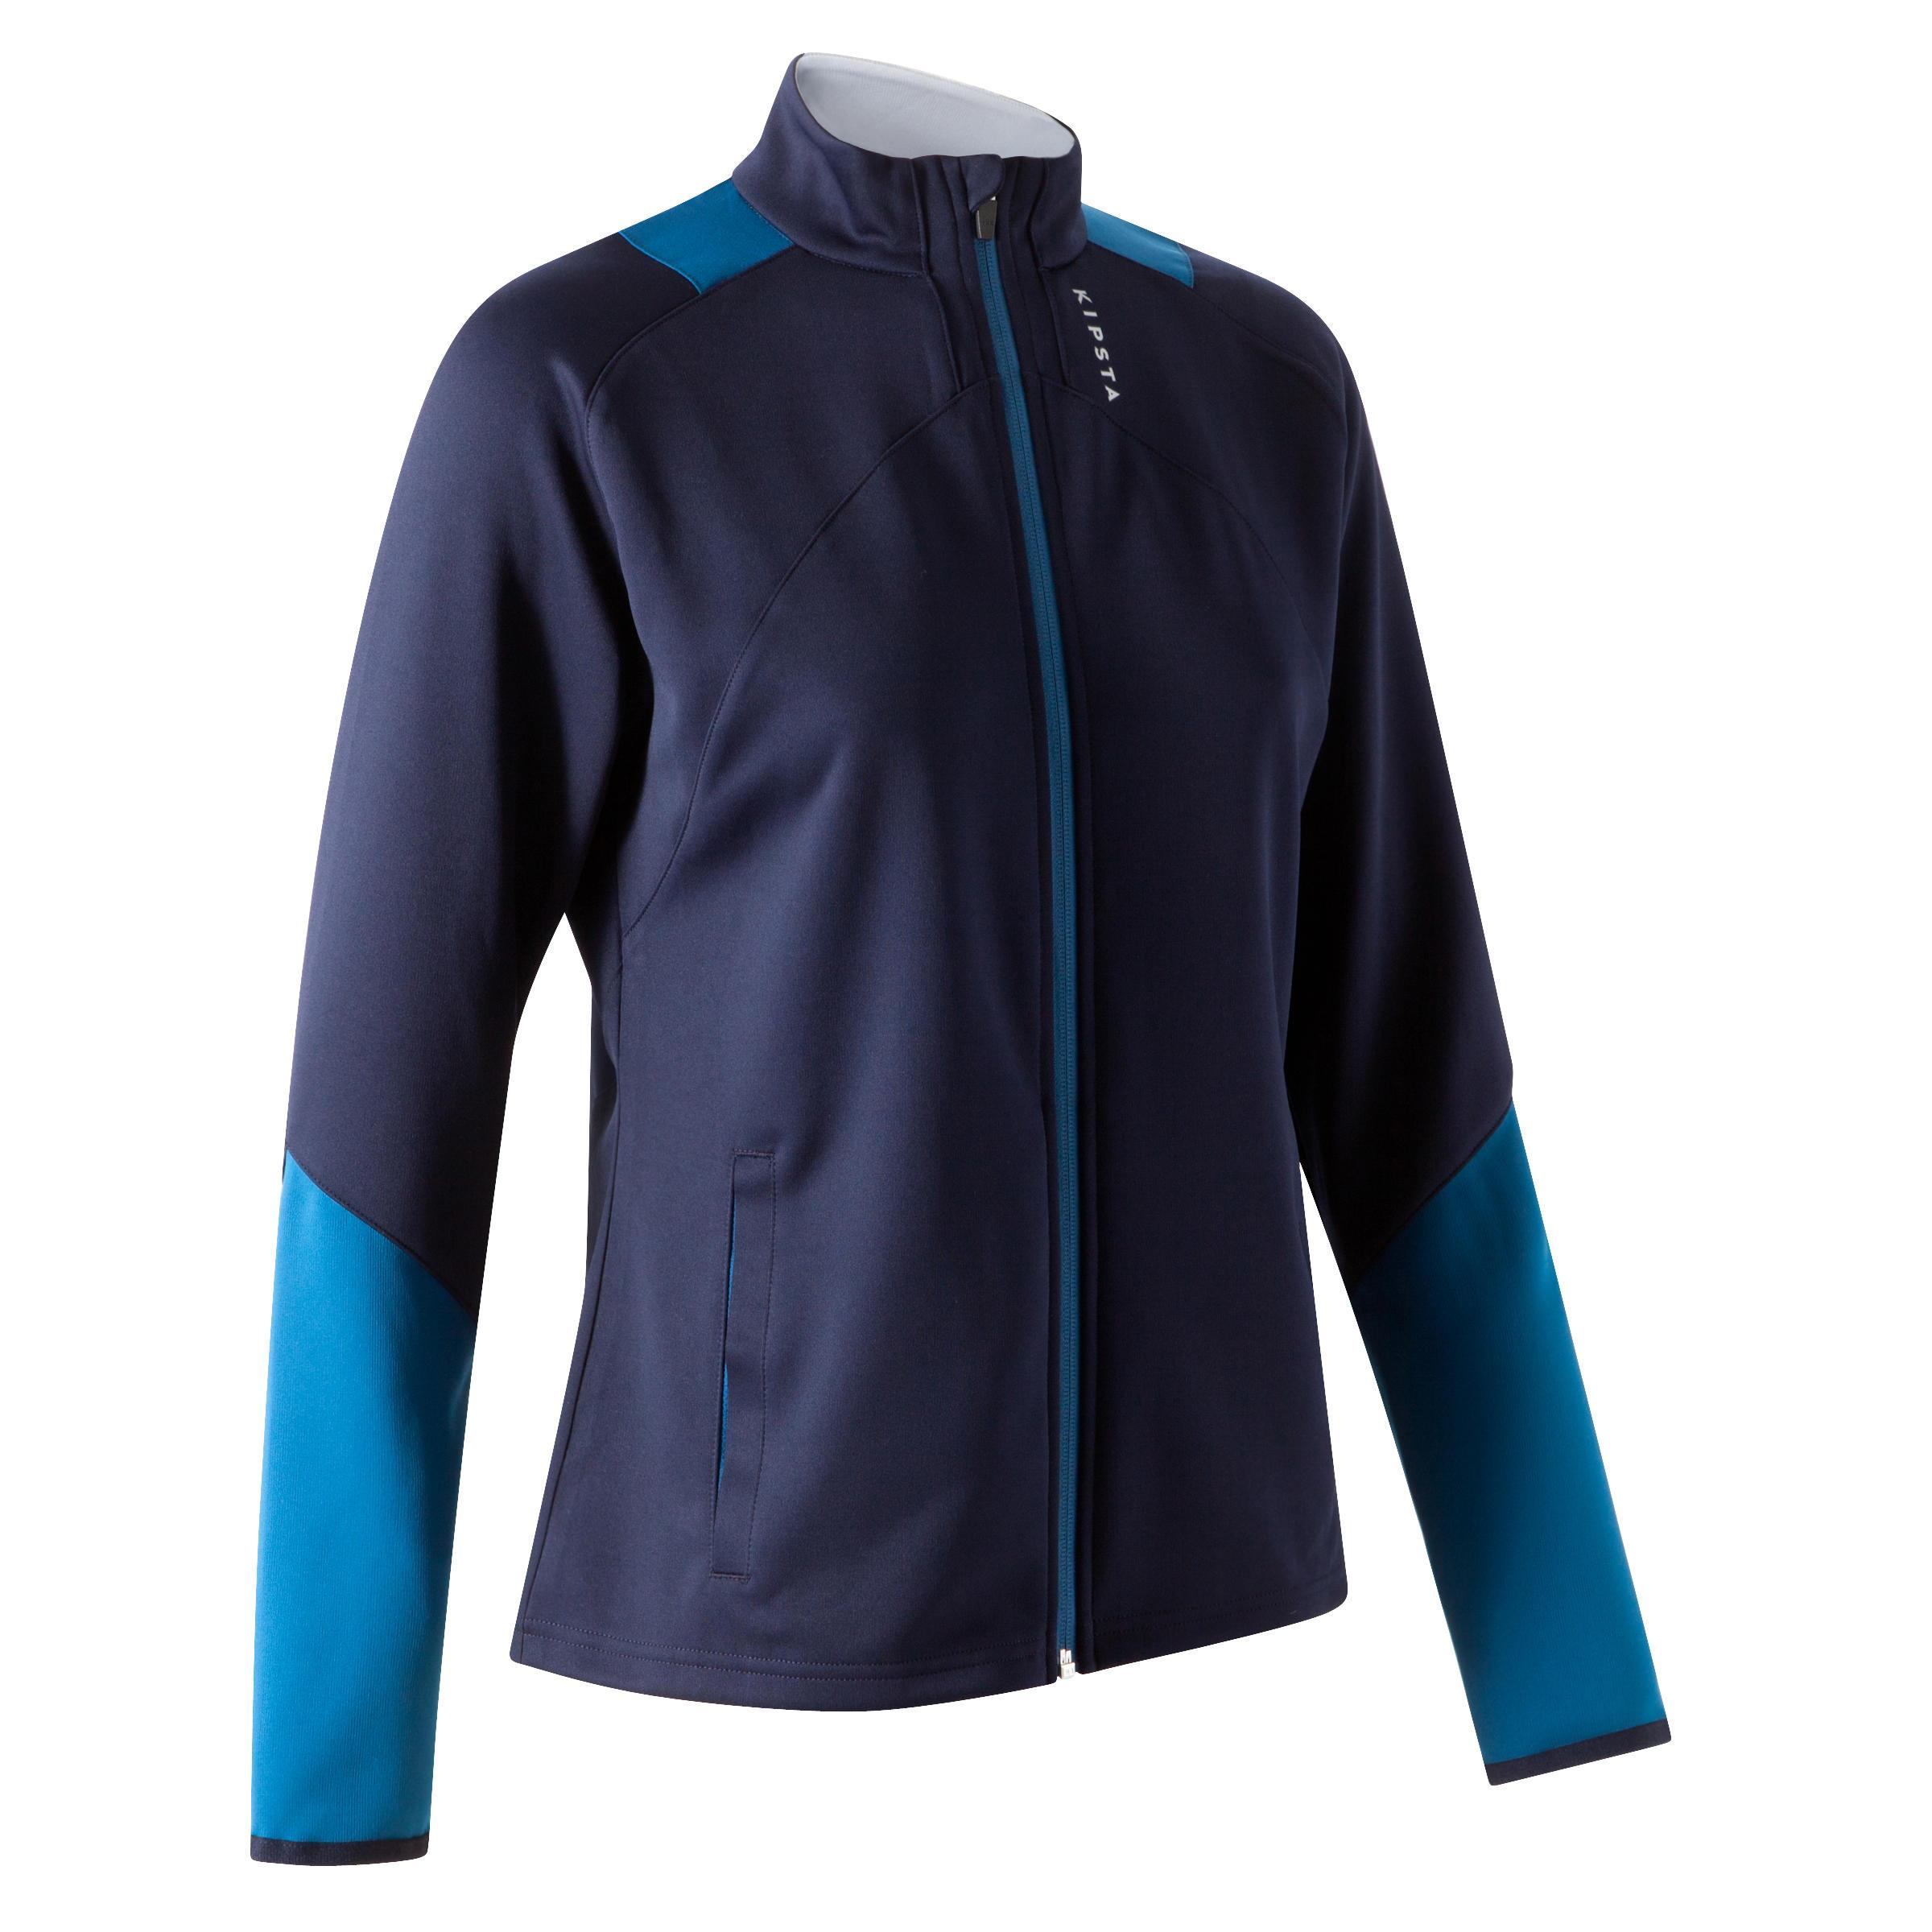 T500 Women's Soccer Training Jacket - Blue